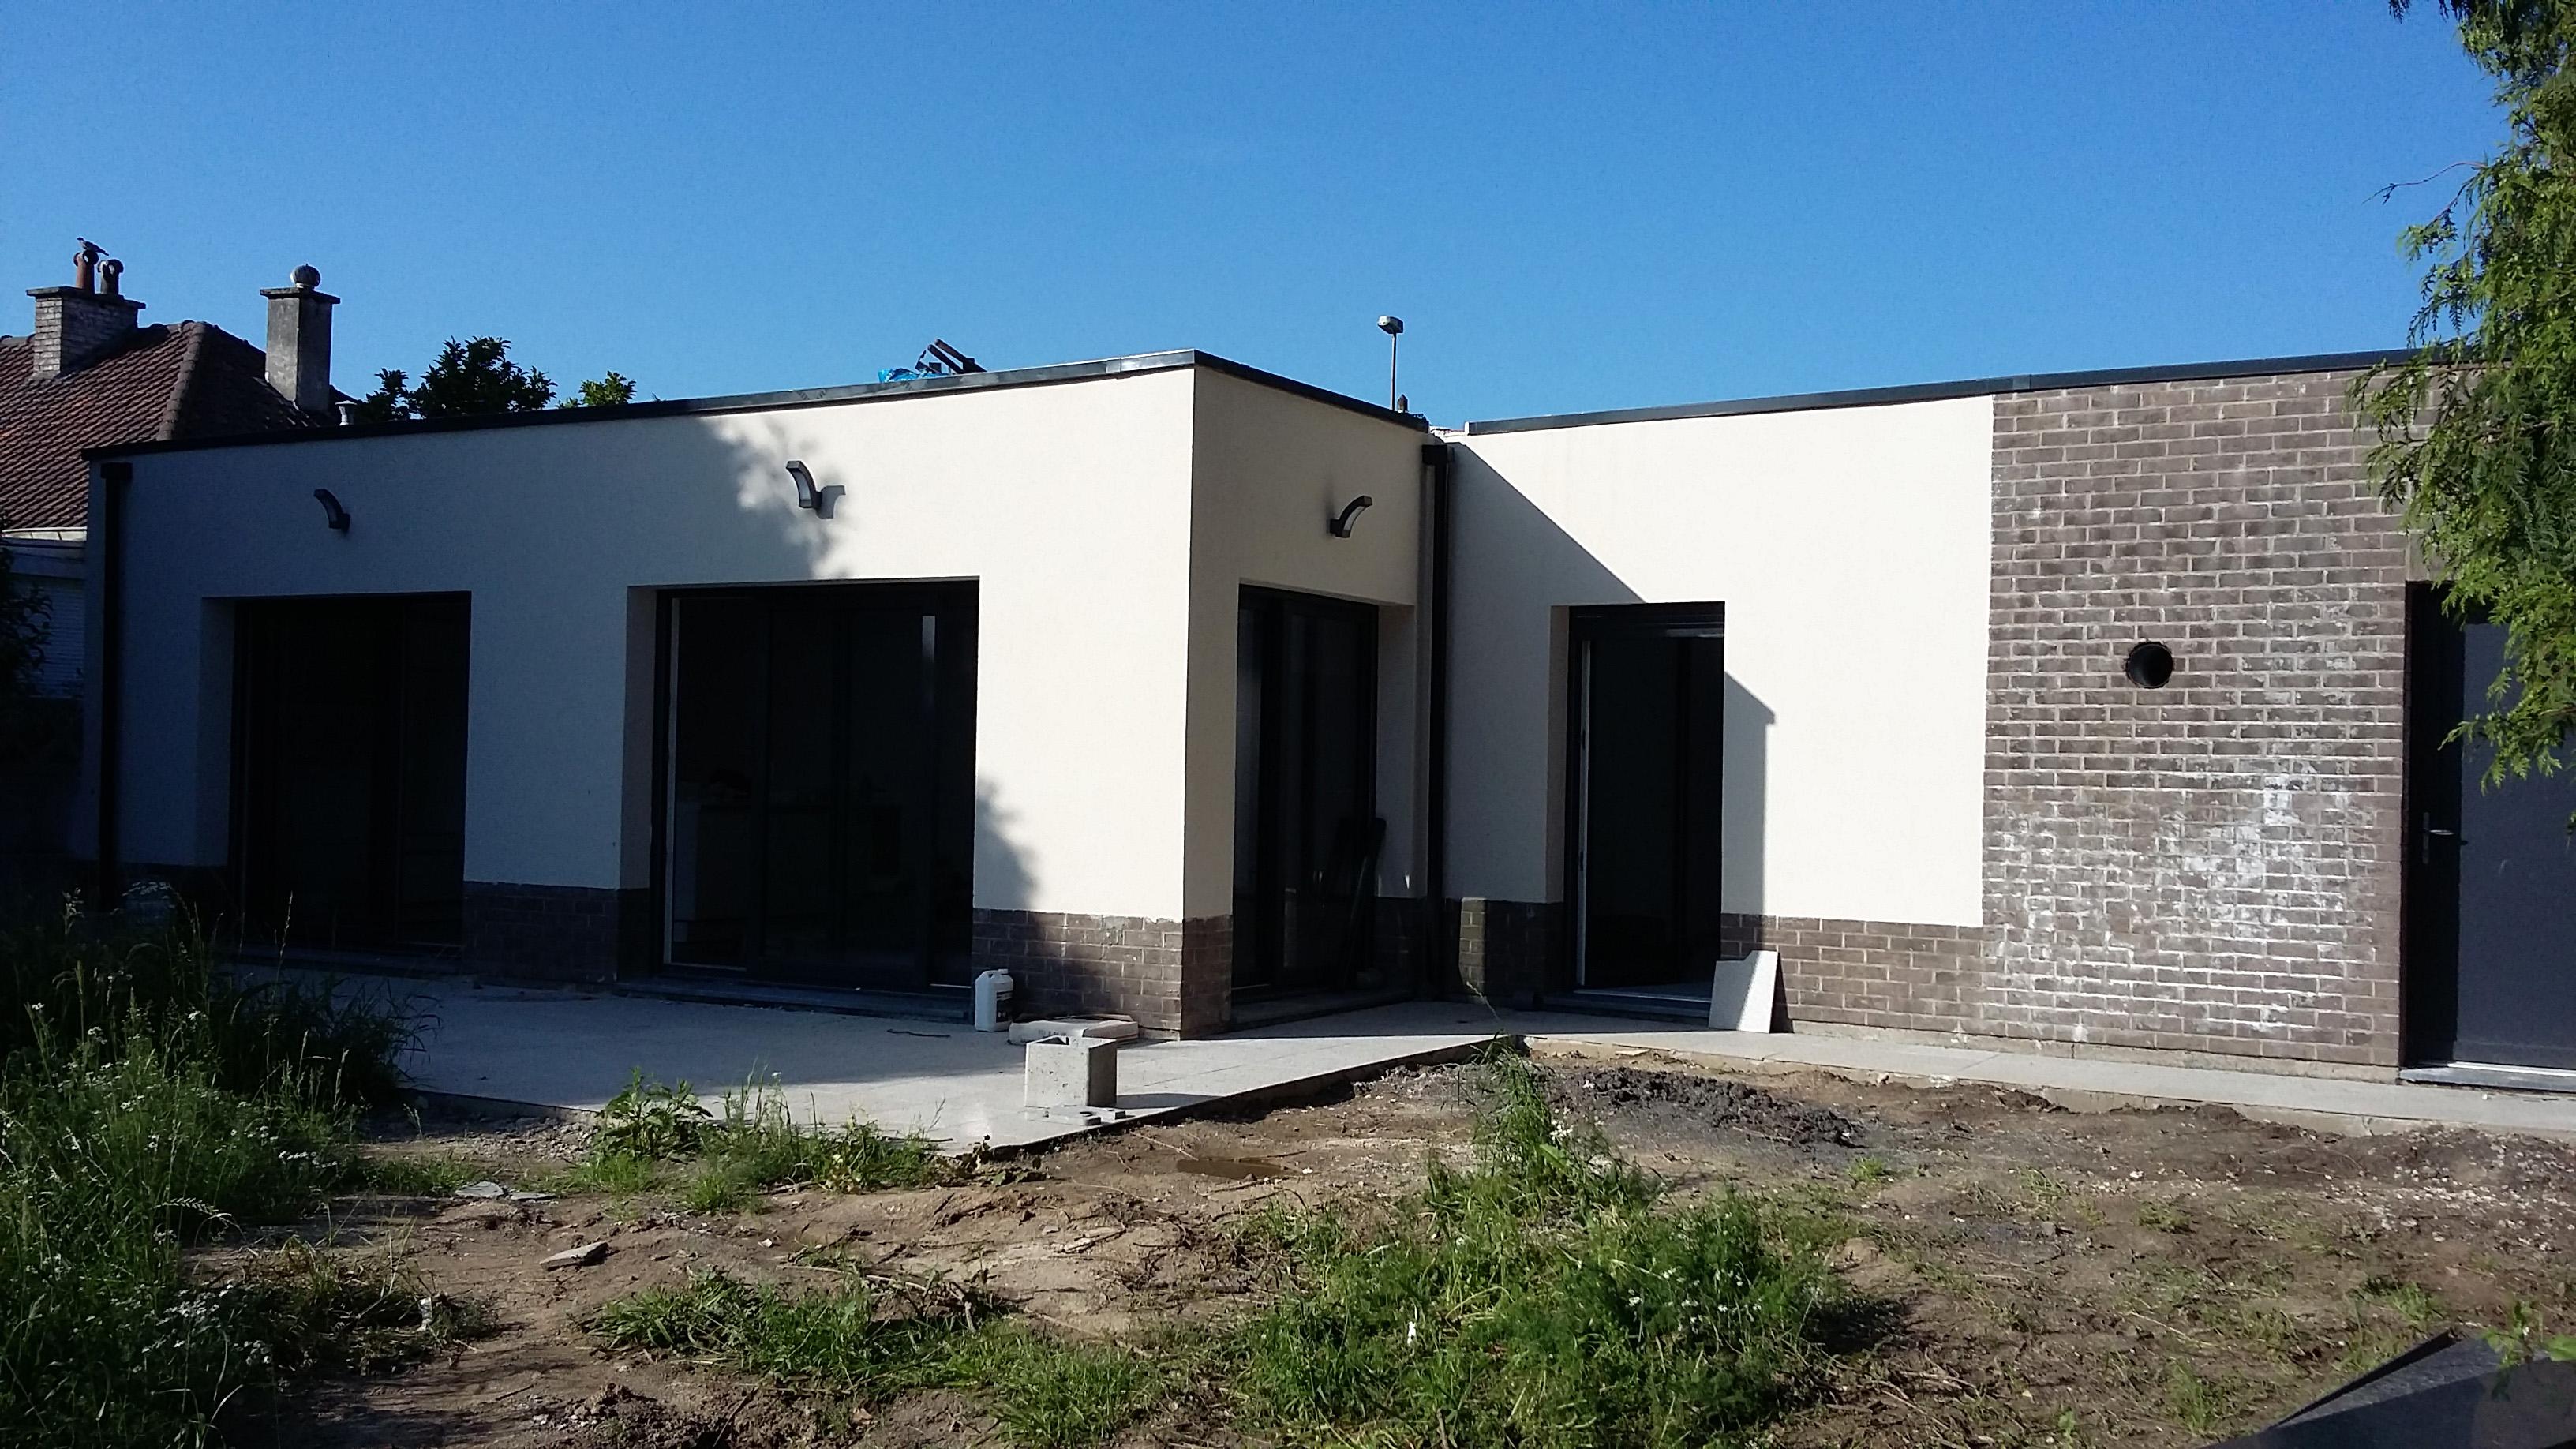 14.01 Construction maison Lys lez Lannoy - Atelier permis de construire5.1a